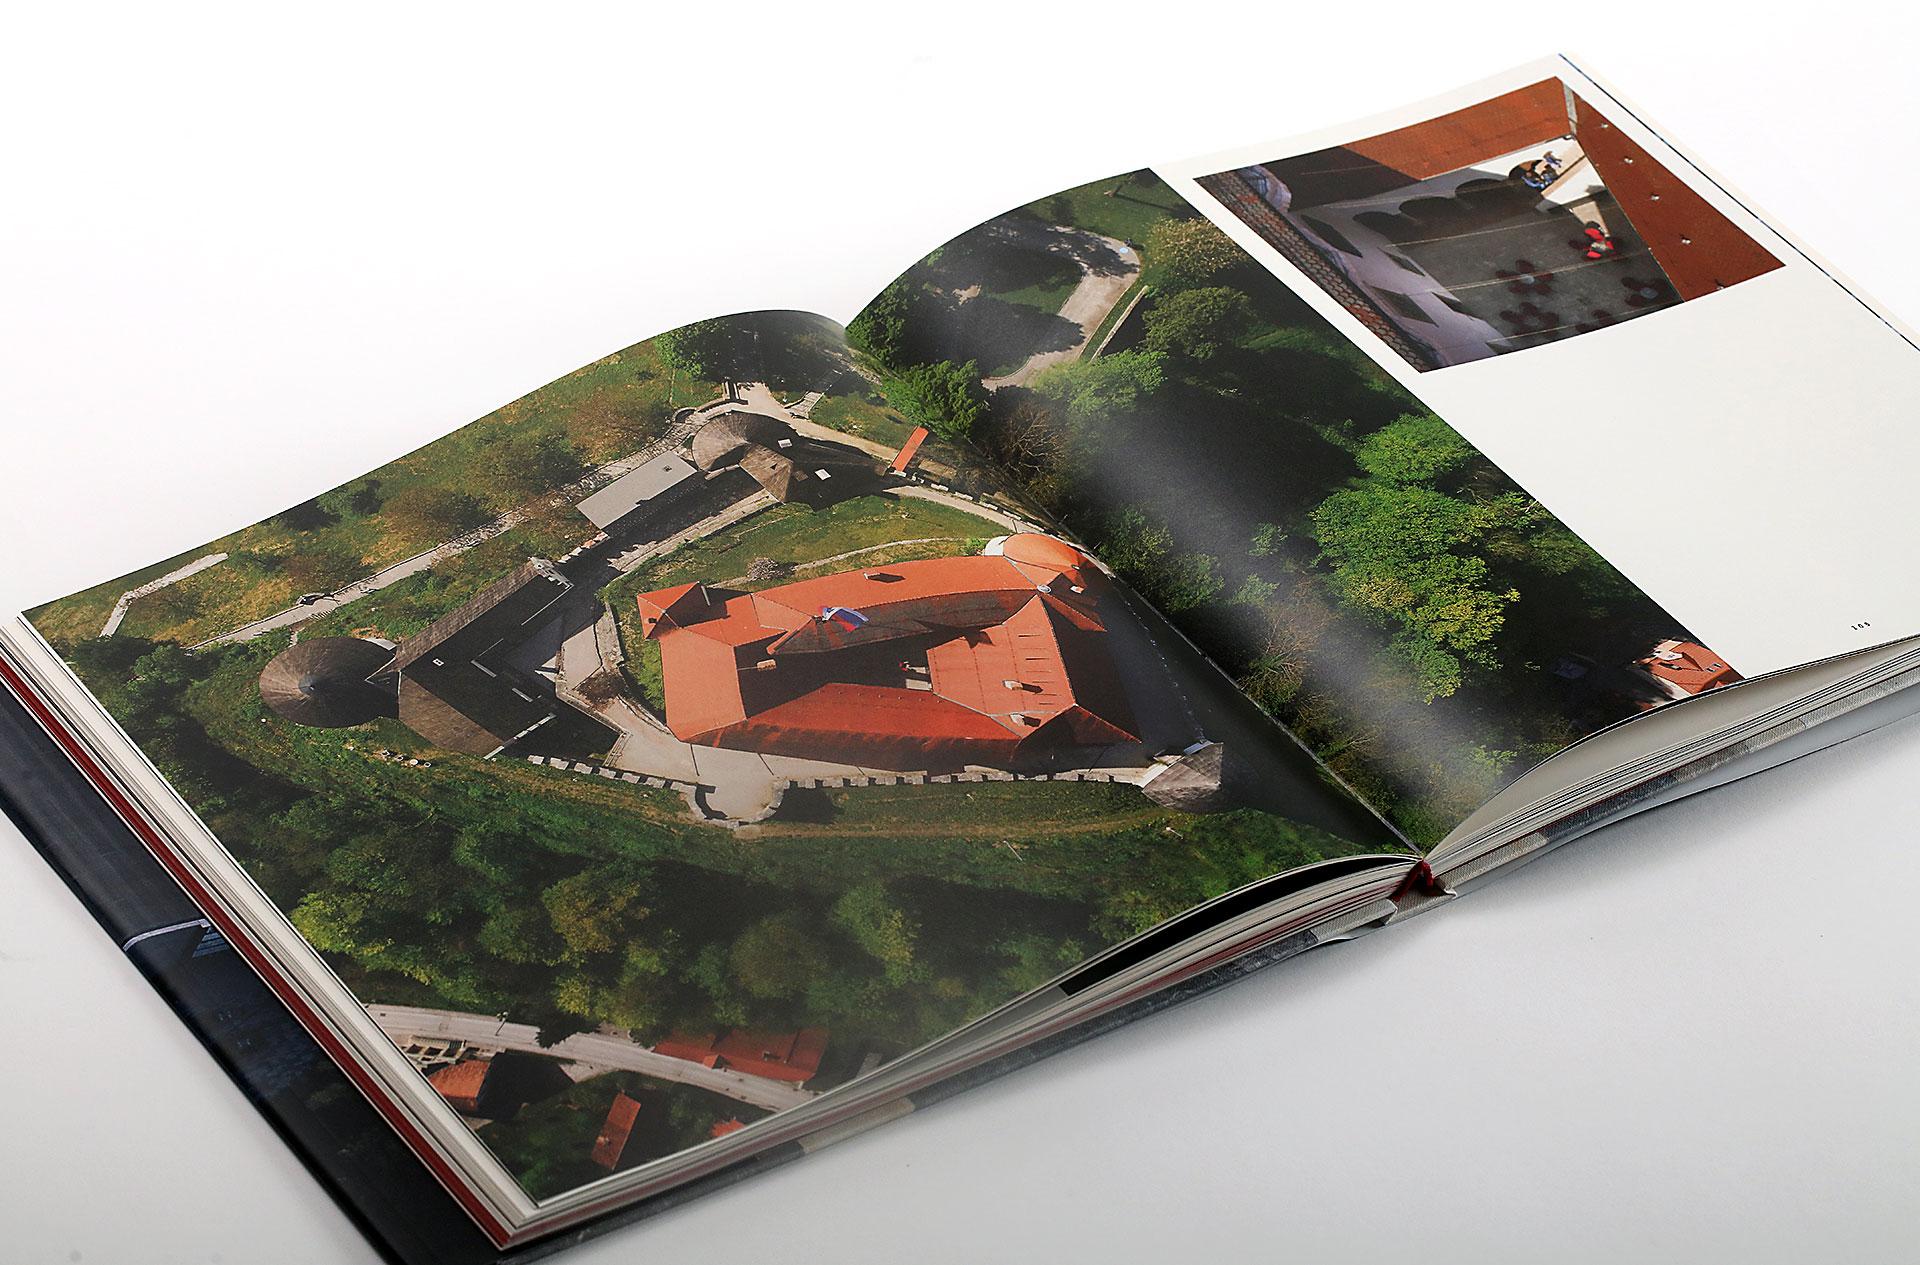 knjiga_velenje_marko_marinsek_ma-ma-studio_10